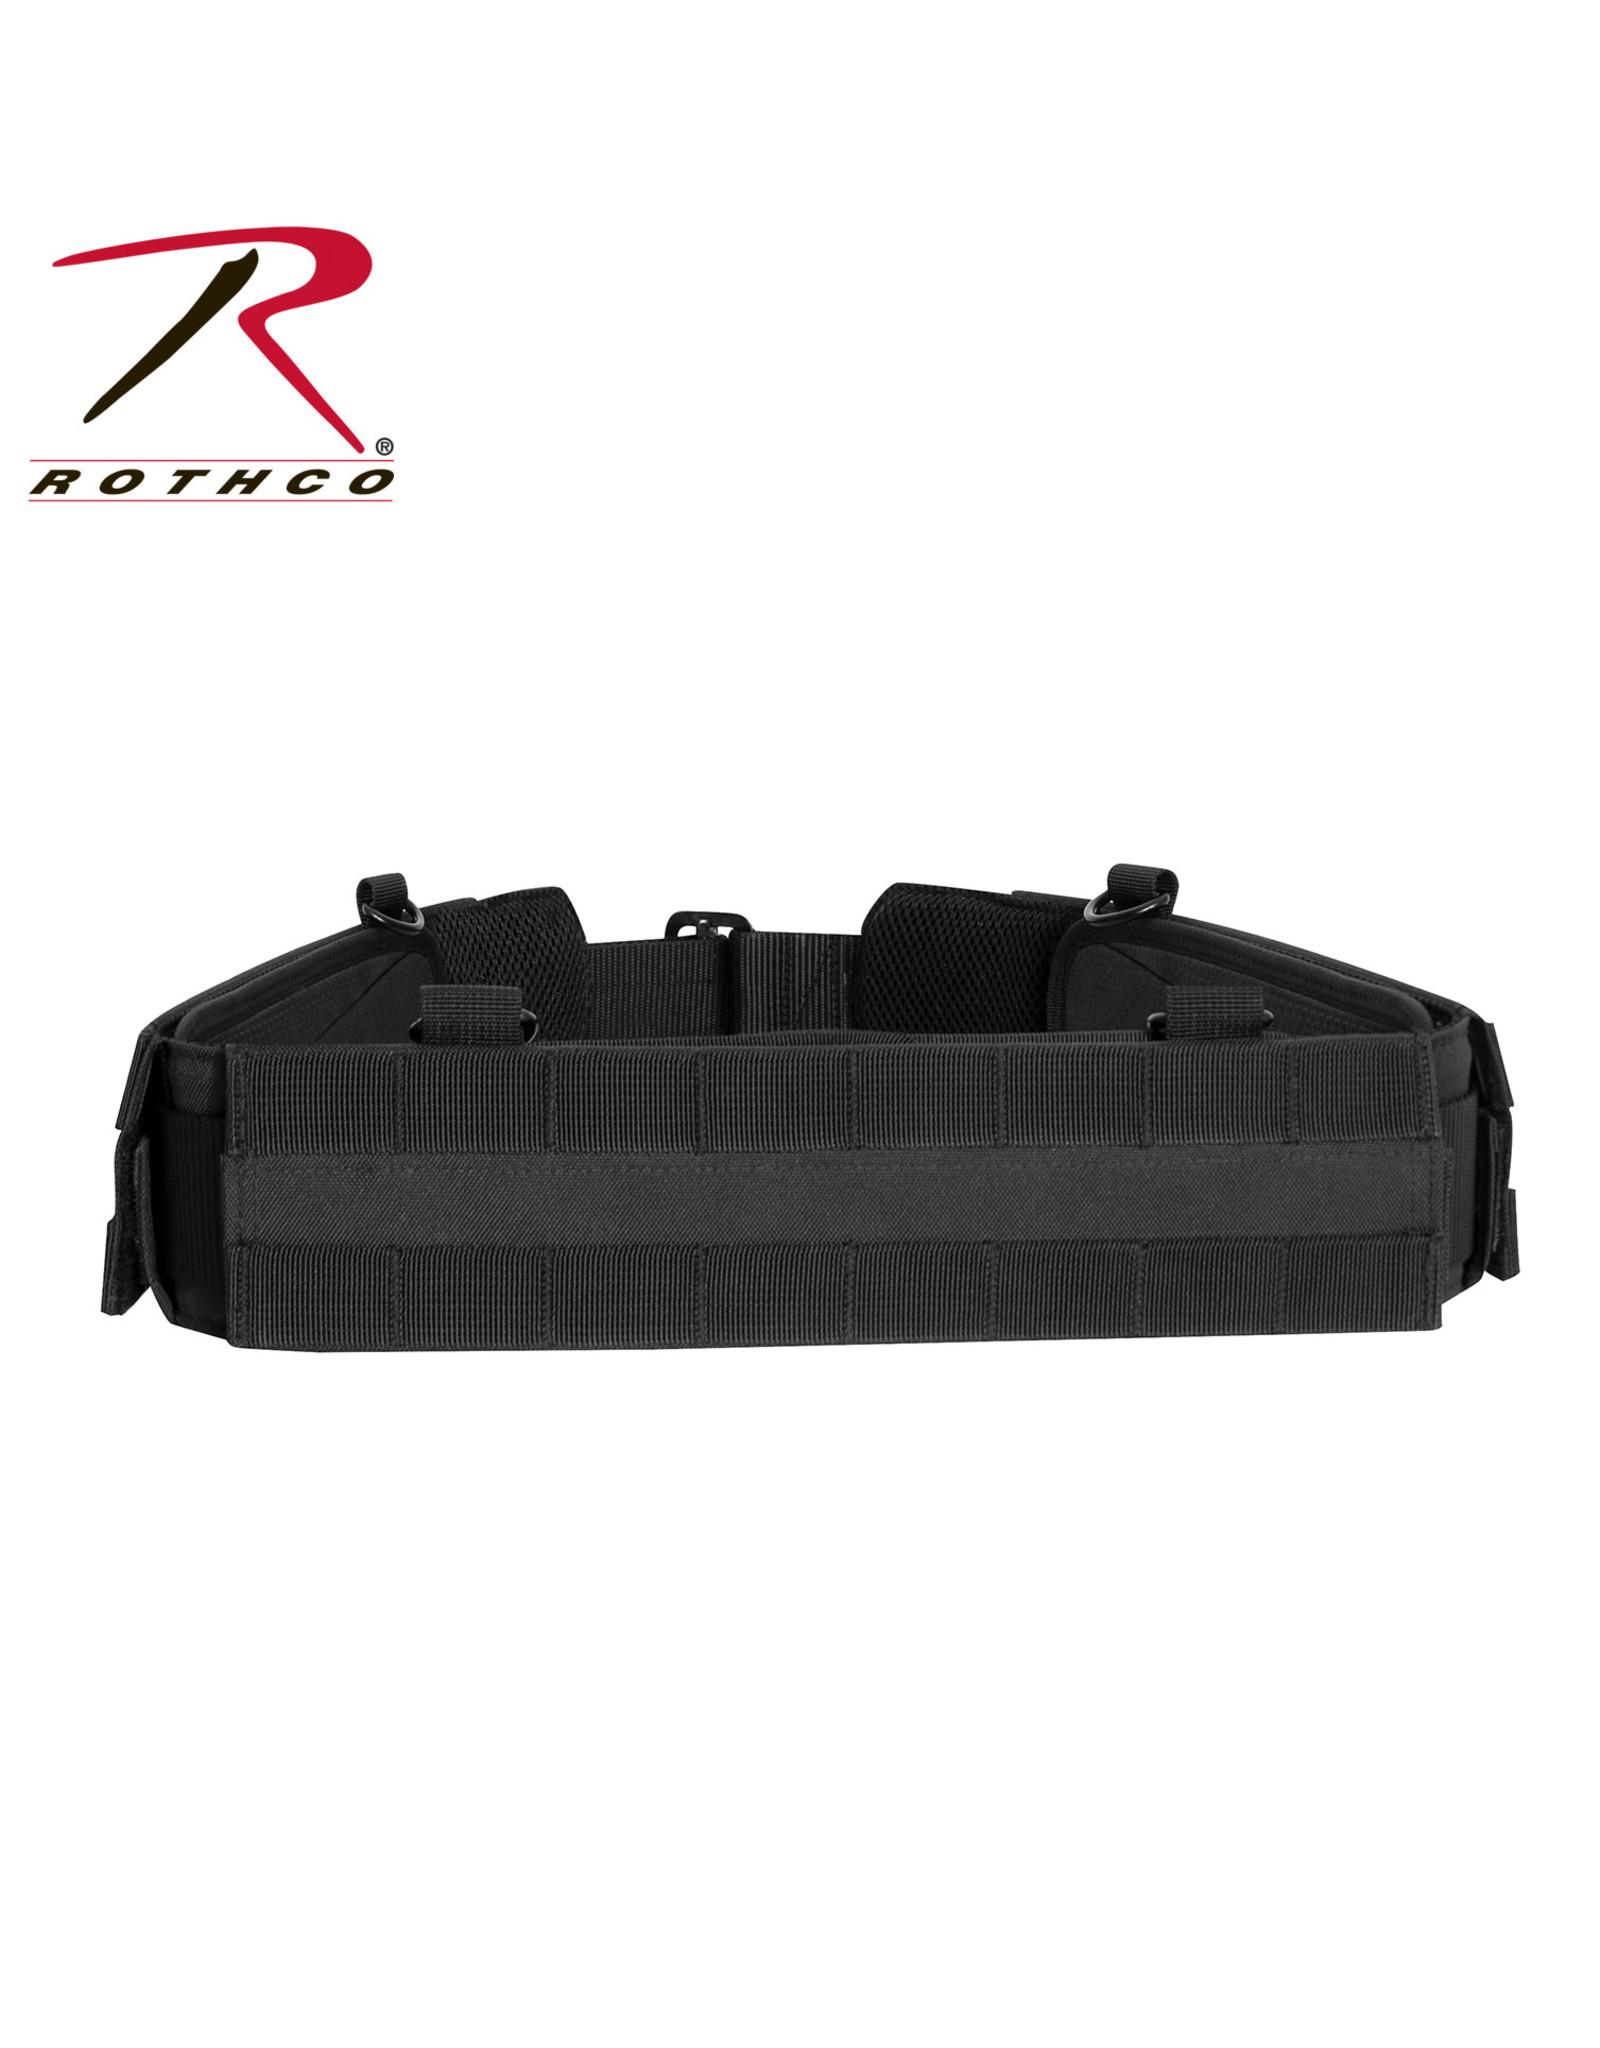 Rothco Lightweight M/A Battle Belt